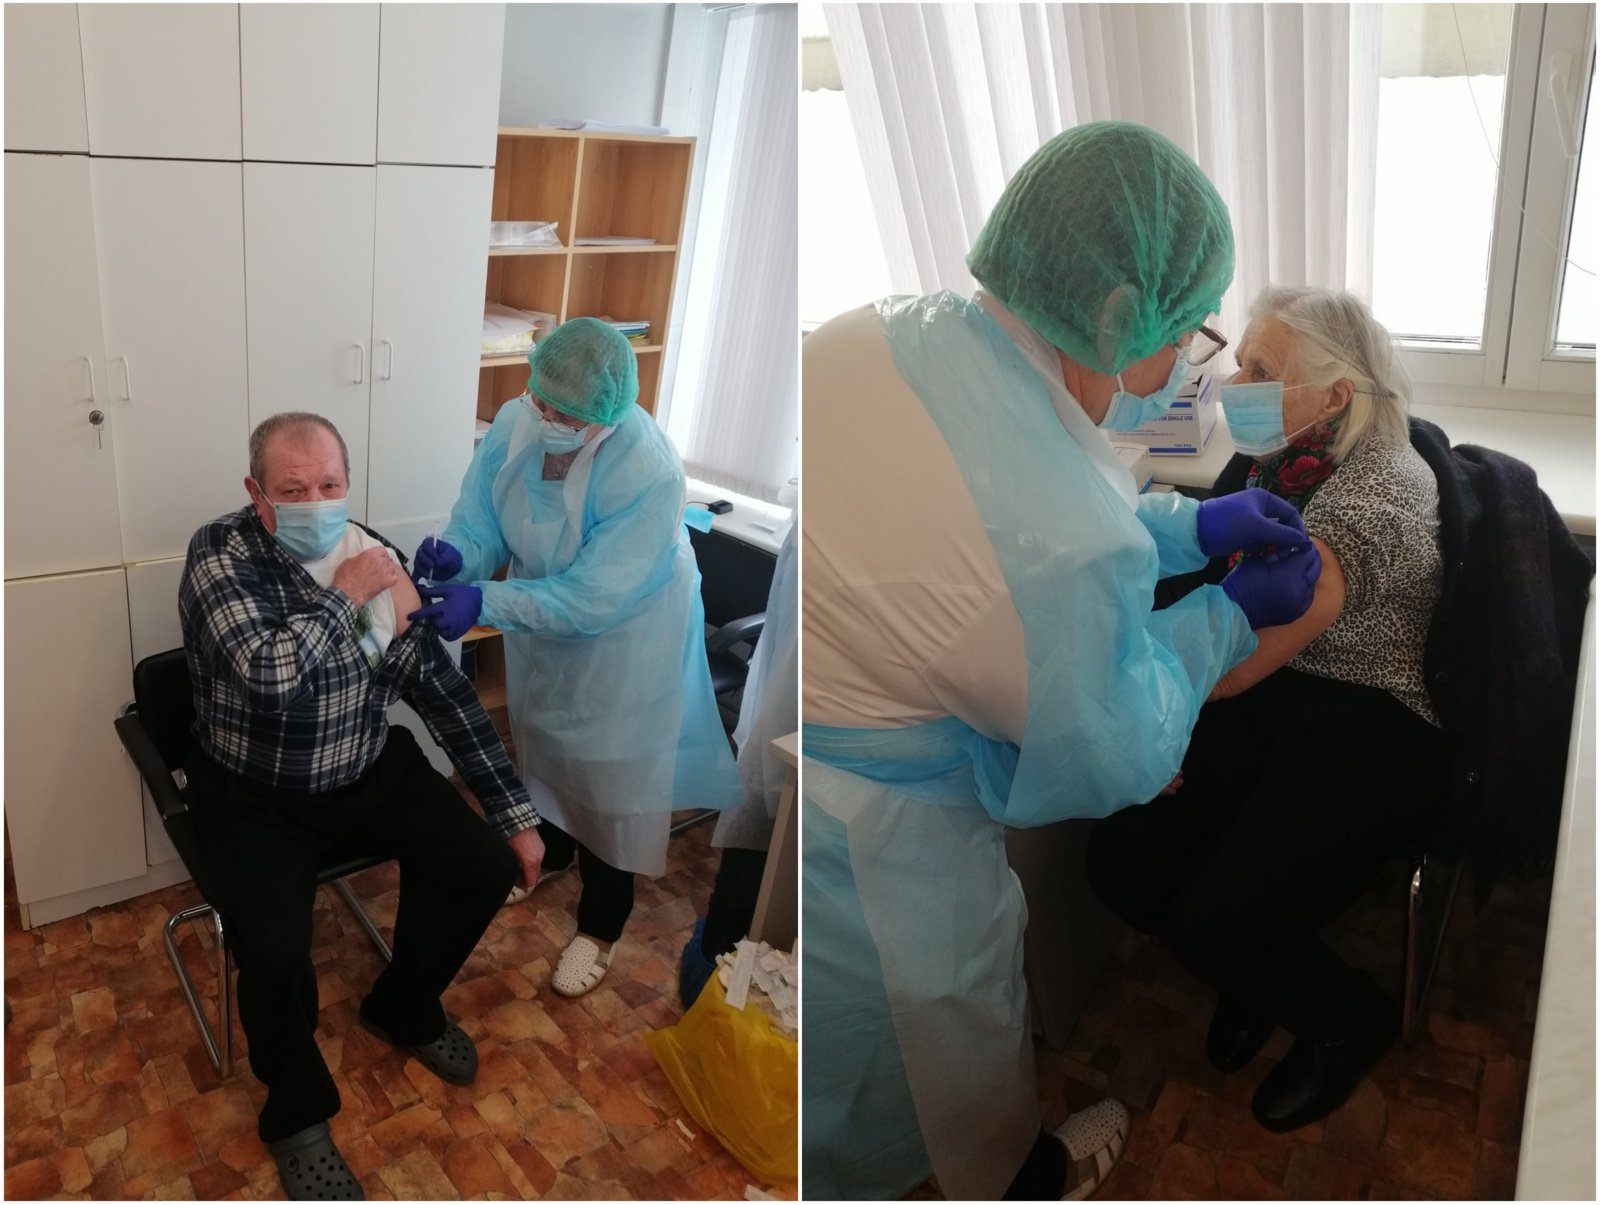 Pirmiausia paskiepyti globos ir slaugos įstaigų gyventojai, pacientai ir darbuotojai